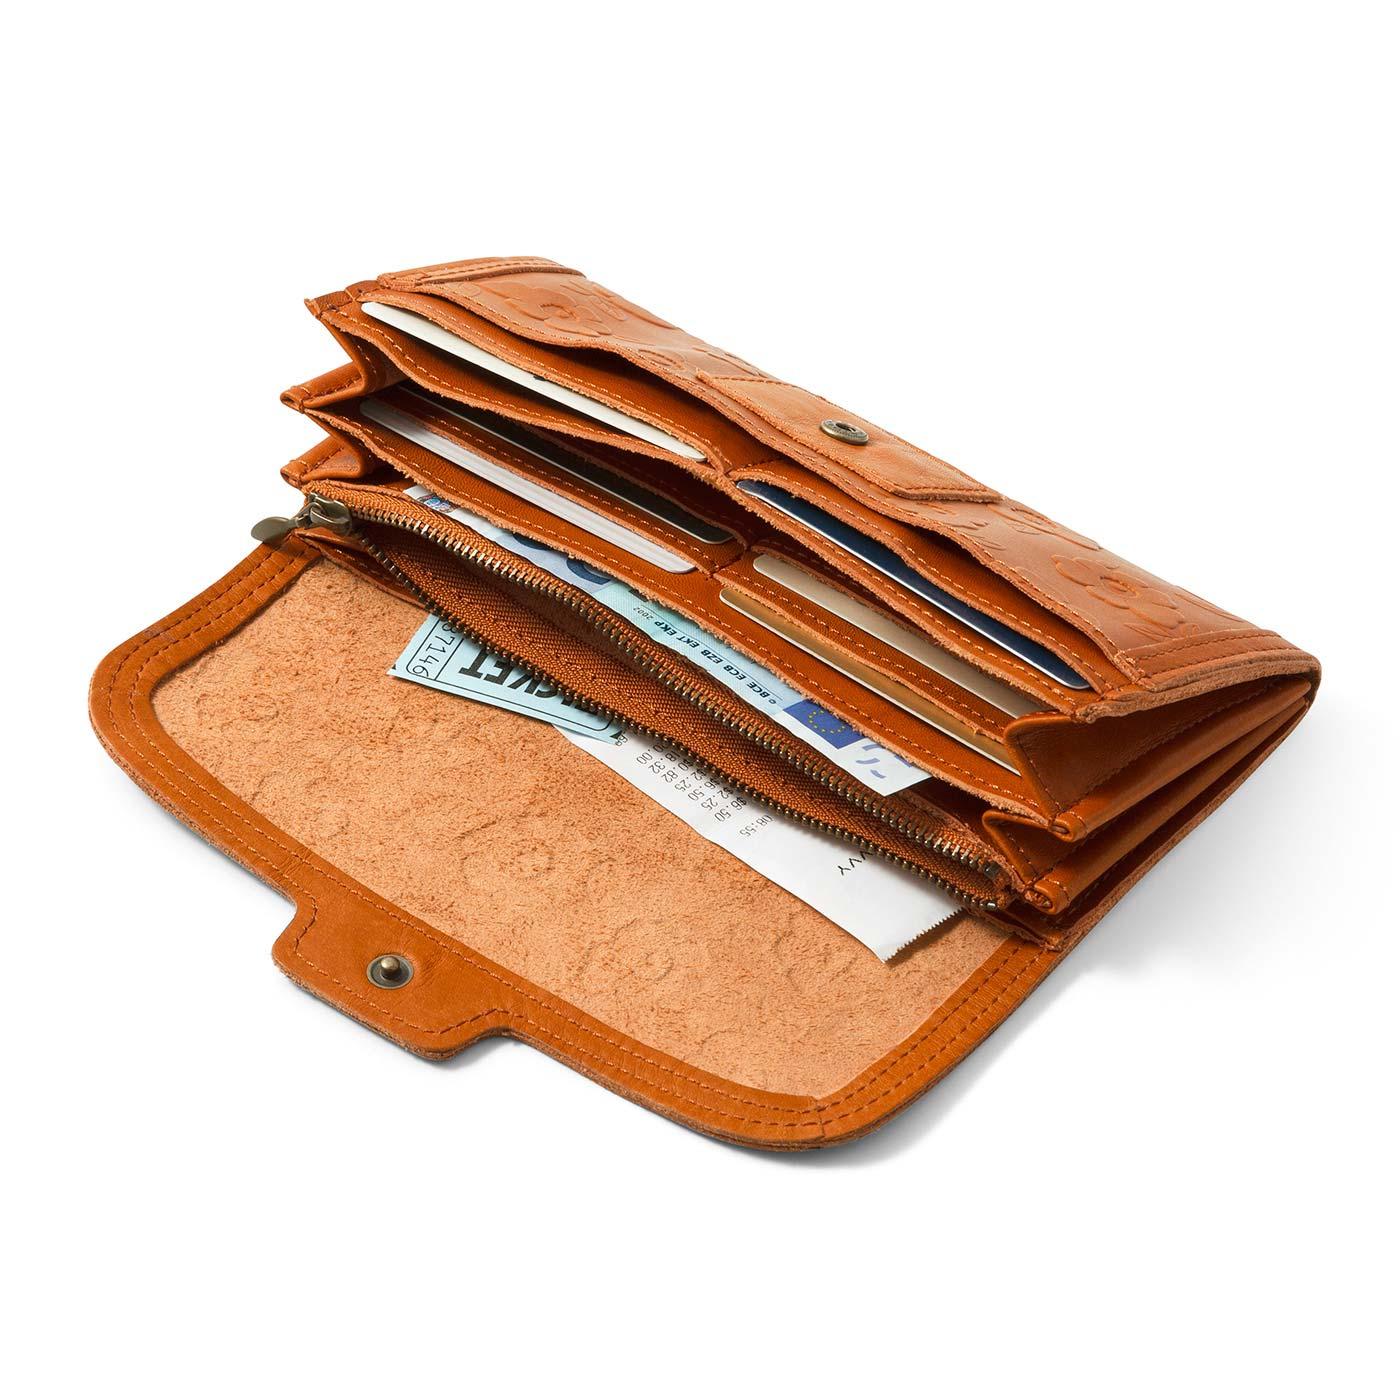 小銭入れはファスナー仕様。6つのカードポケットに便利なワイドポケットが2室。 大きく開くじゃばら式。ワンタッチで開いて、中身が見やすく、お会計もスムーズ。